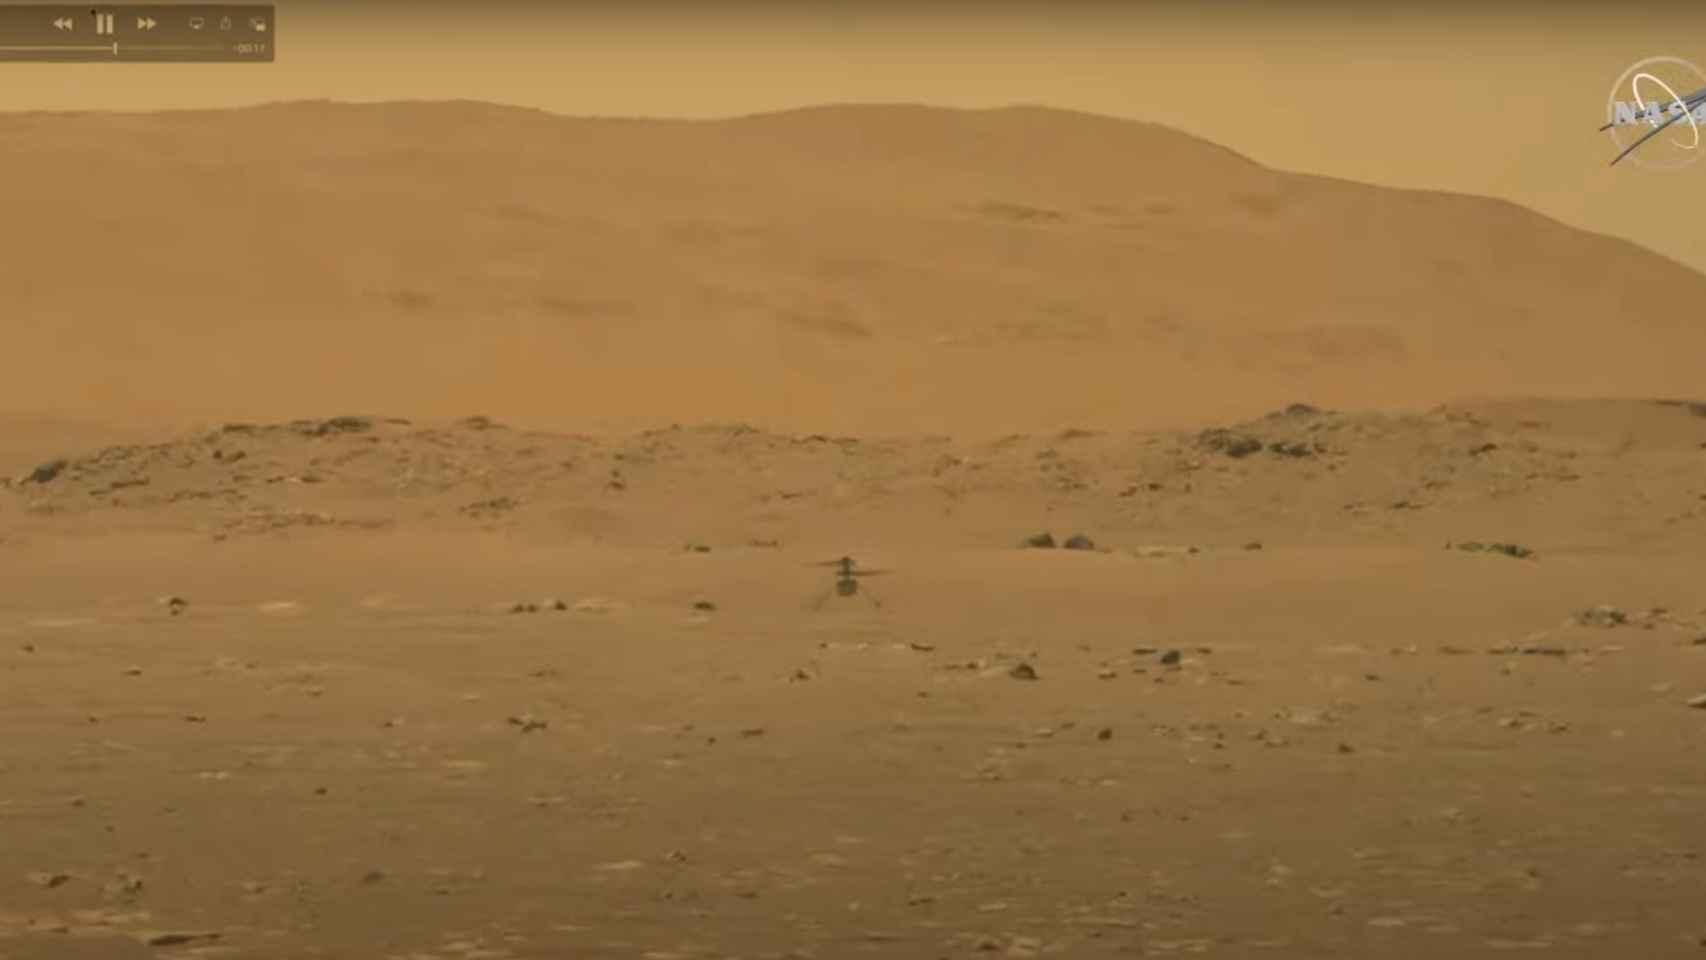 El helicóptero Ingenuity vuela en Marte: la NASA hace historia en otro planeta